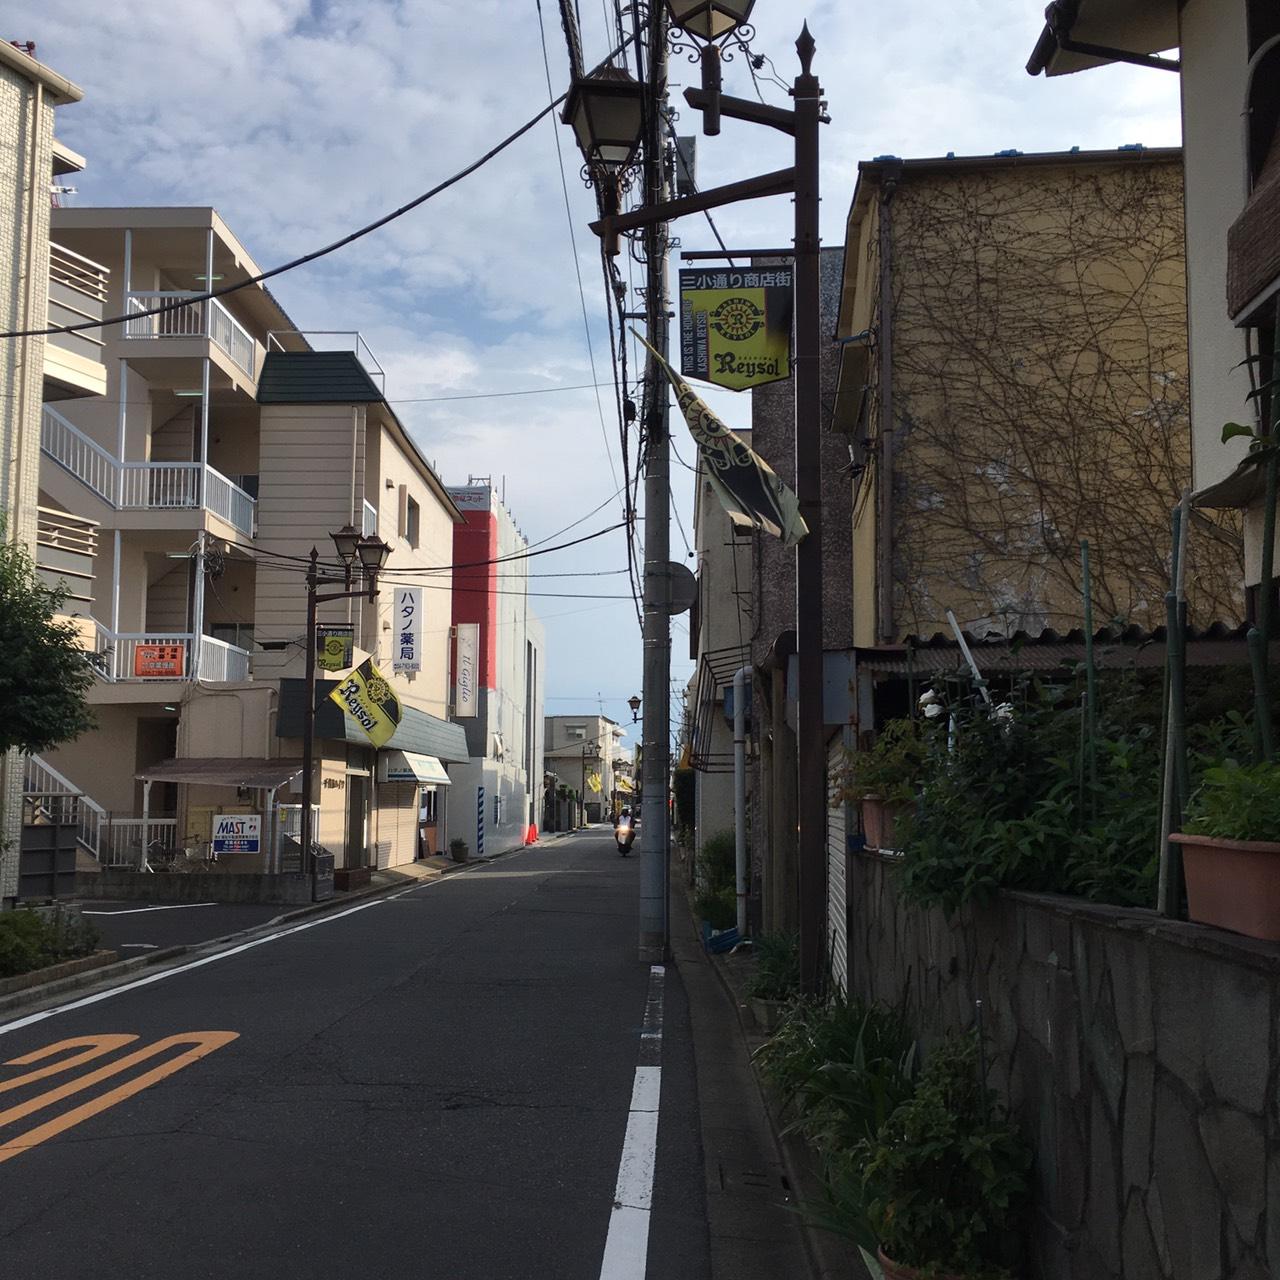 少し歩くと住宅街に。ここも抜けていきます。所々で柏レイソル色を見ることができます